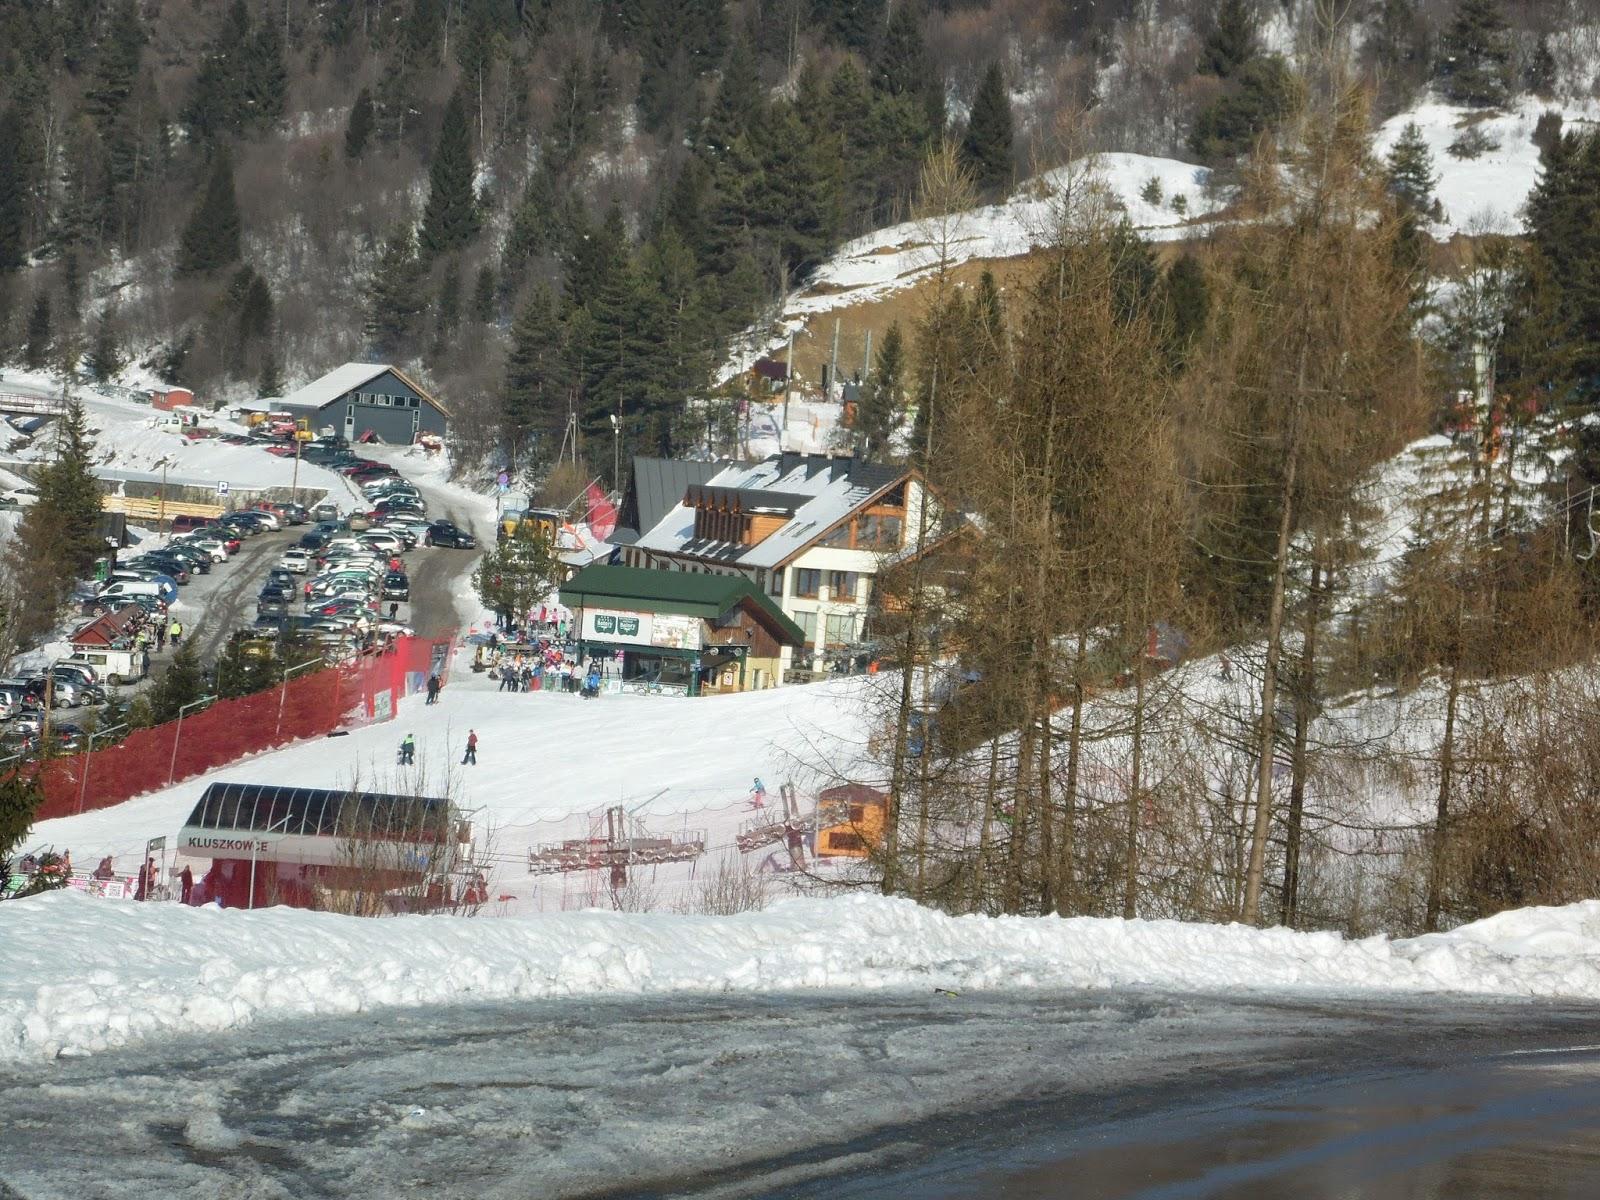 Stacja narciarska Czorsztyn-Ski